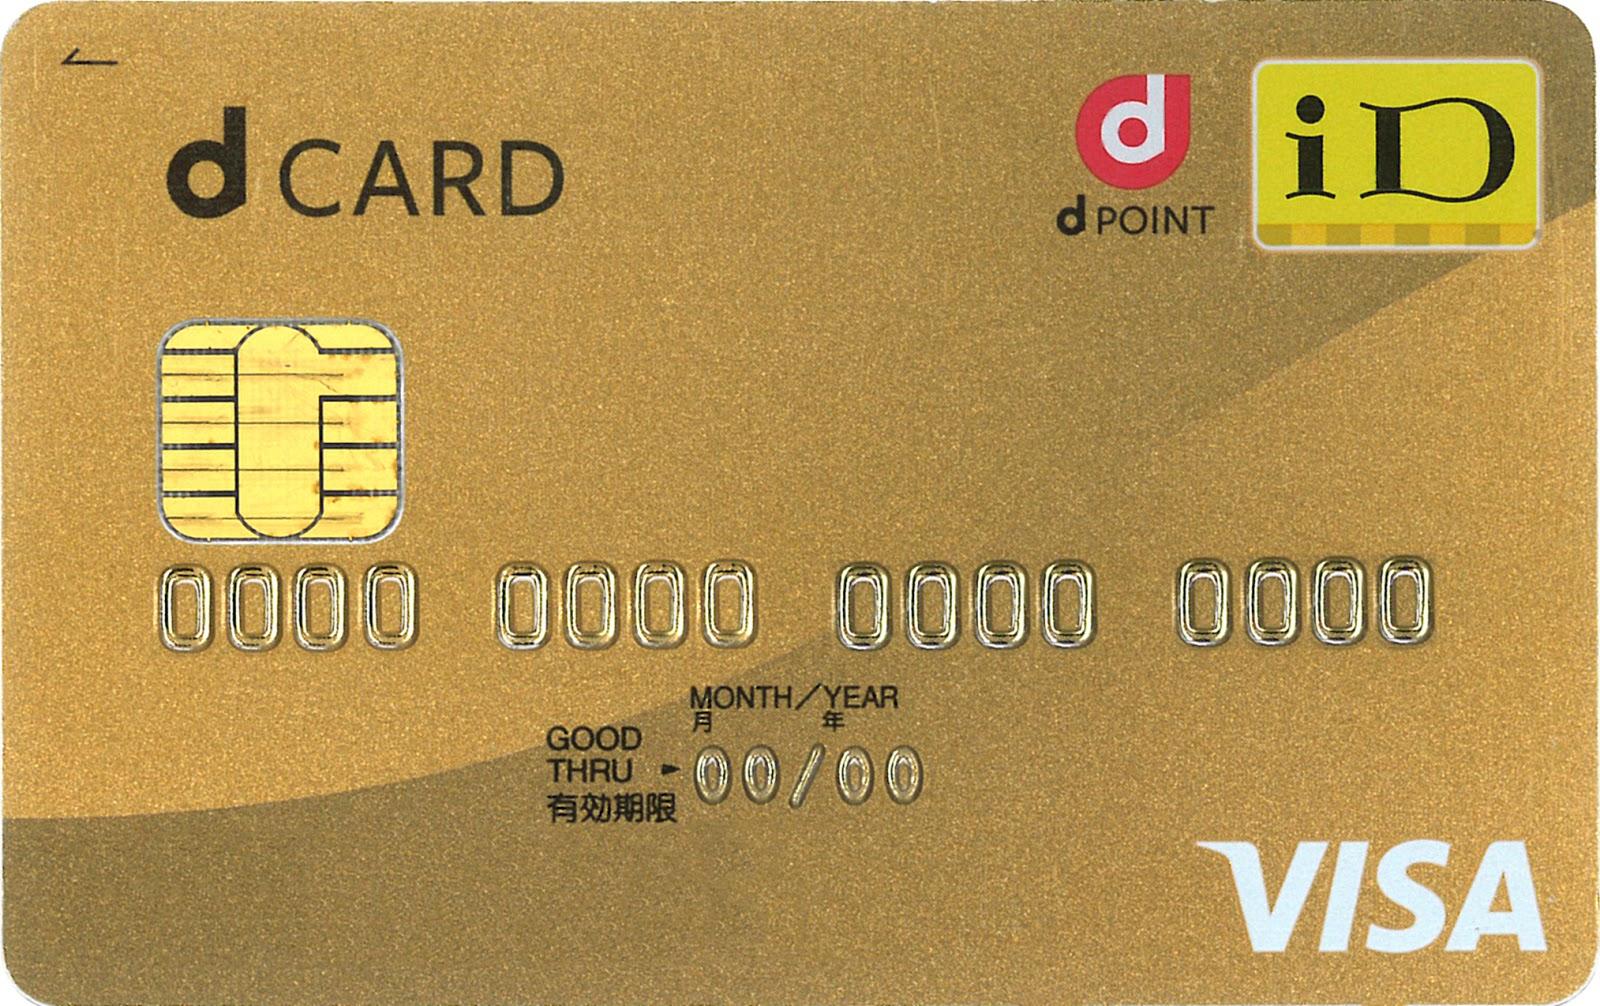 d カード ゴールド